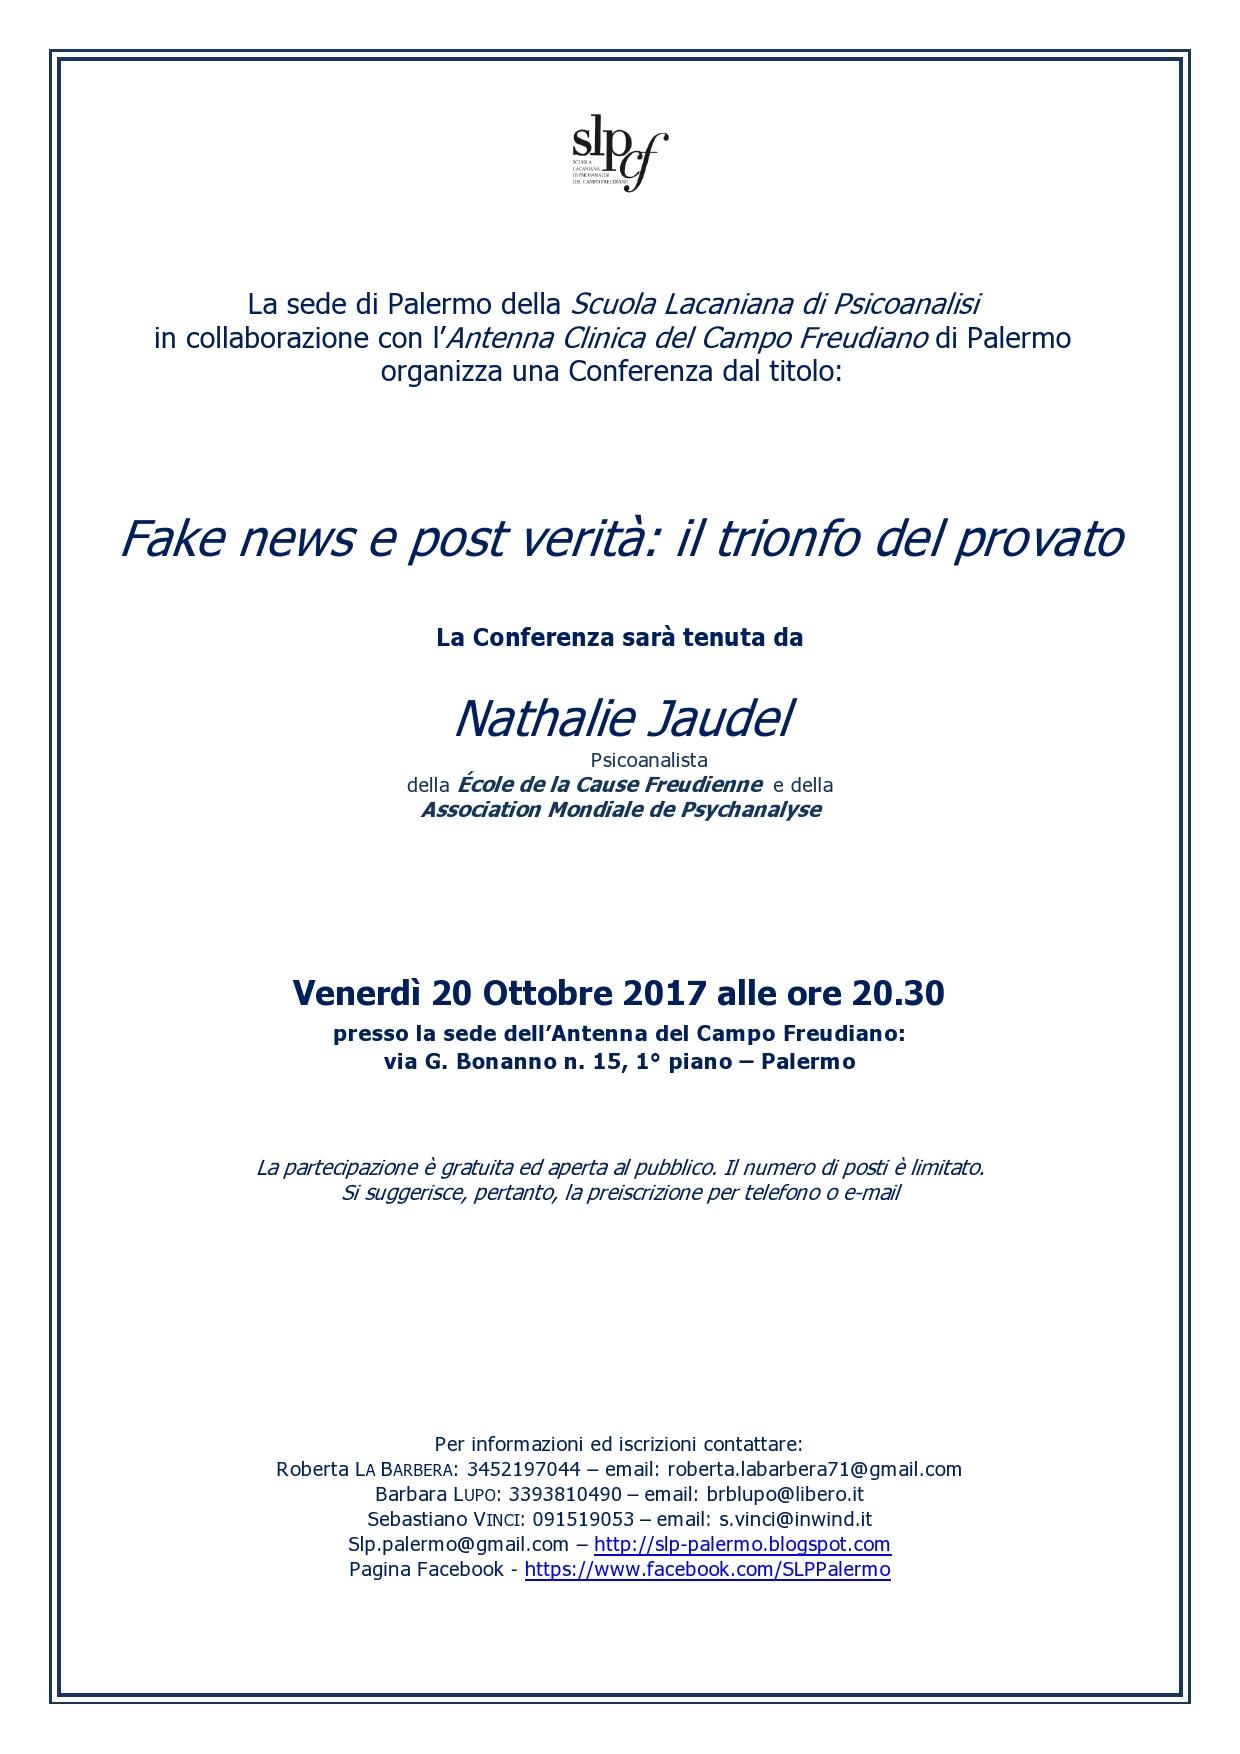 Fake news e post-verità: il trionfo del provato